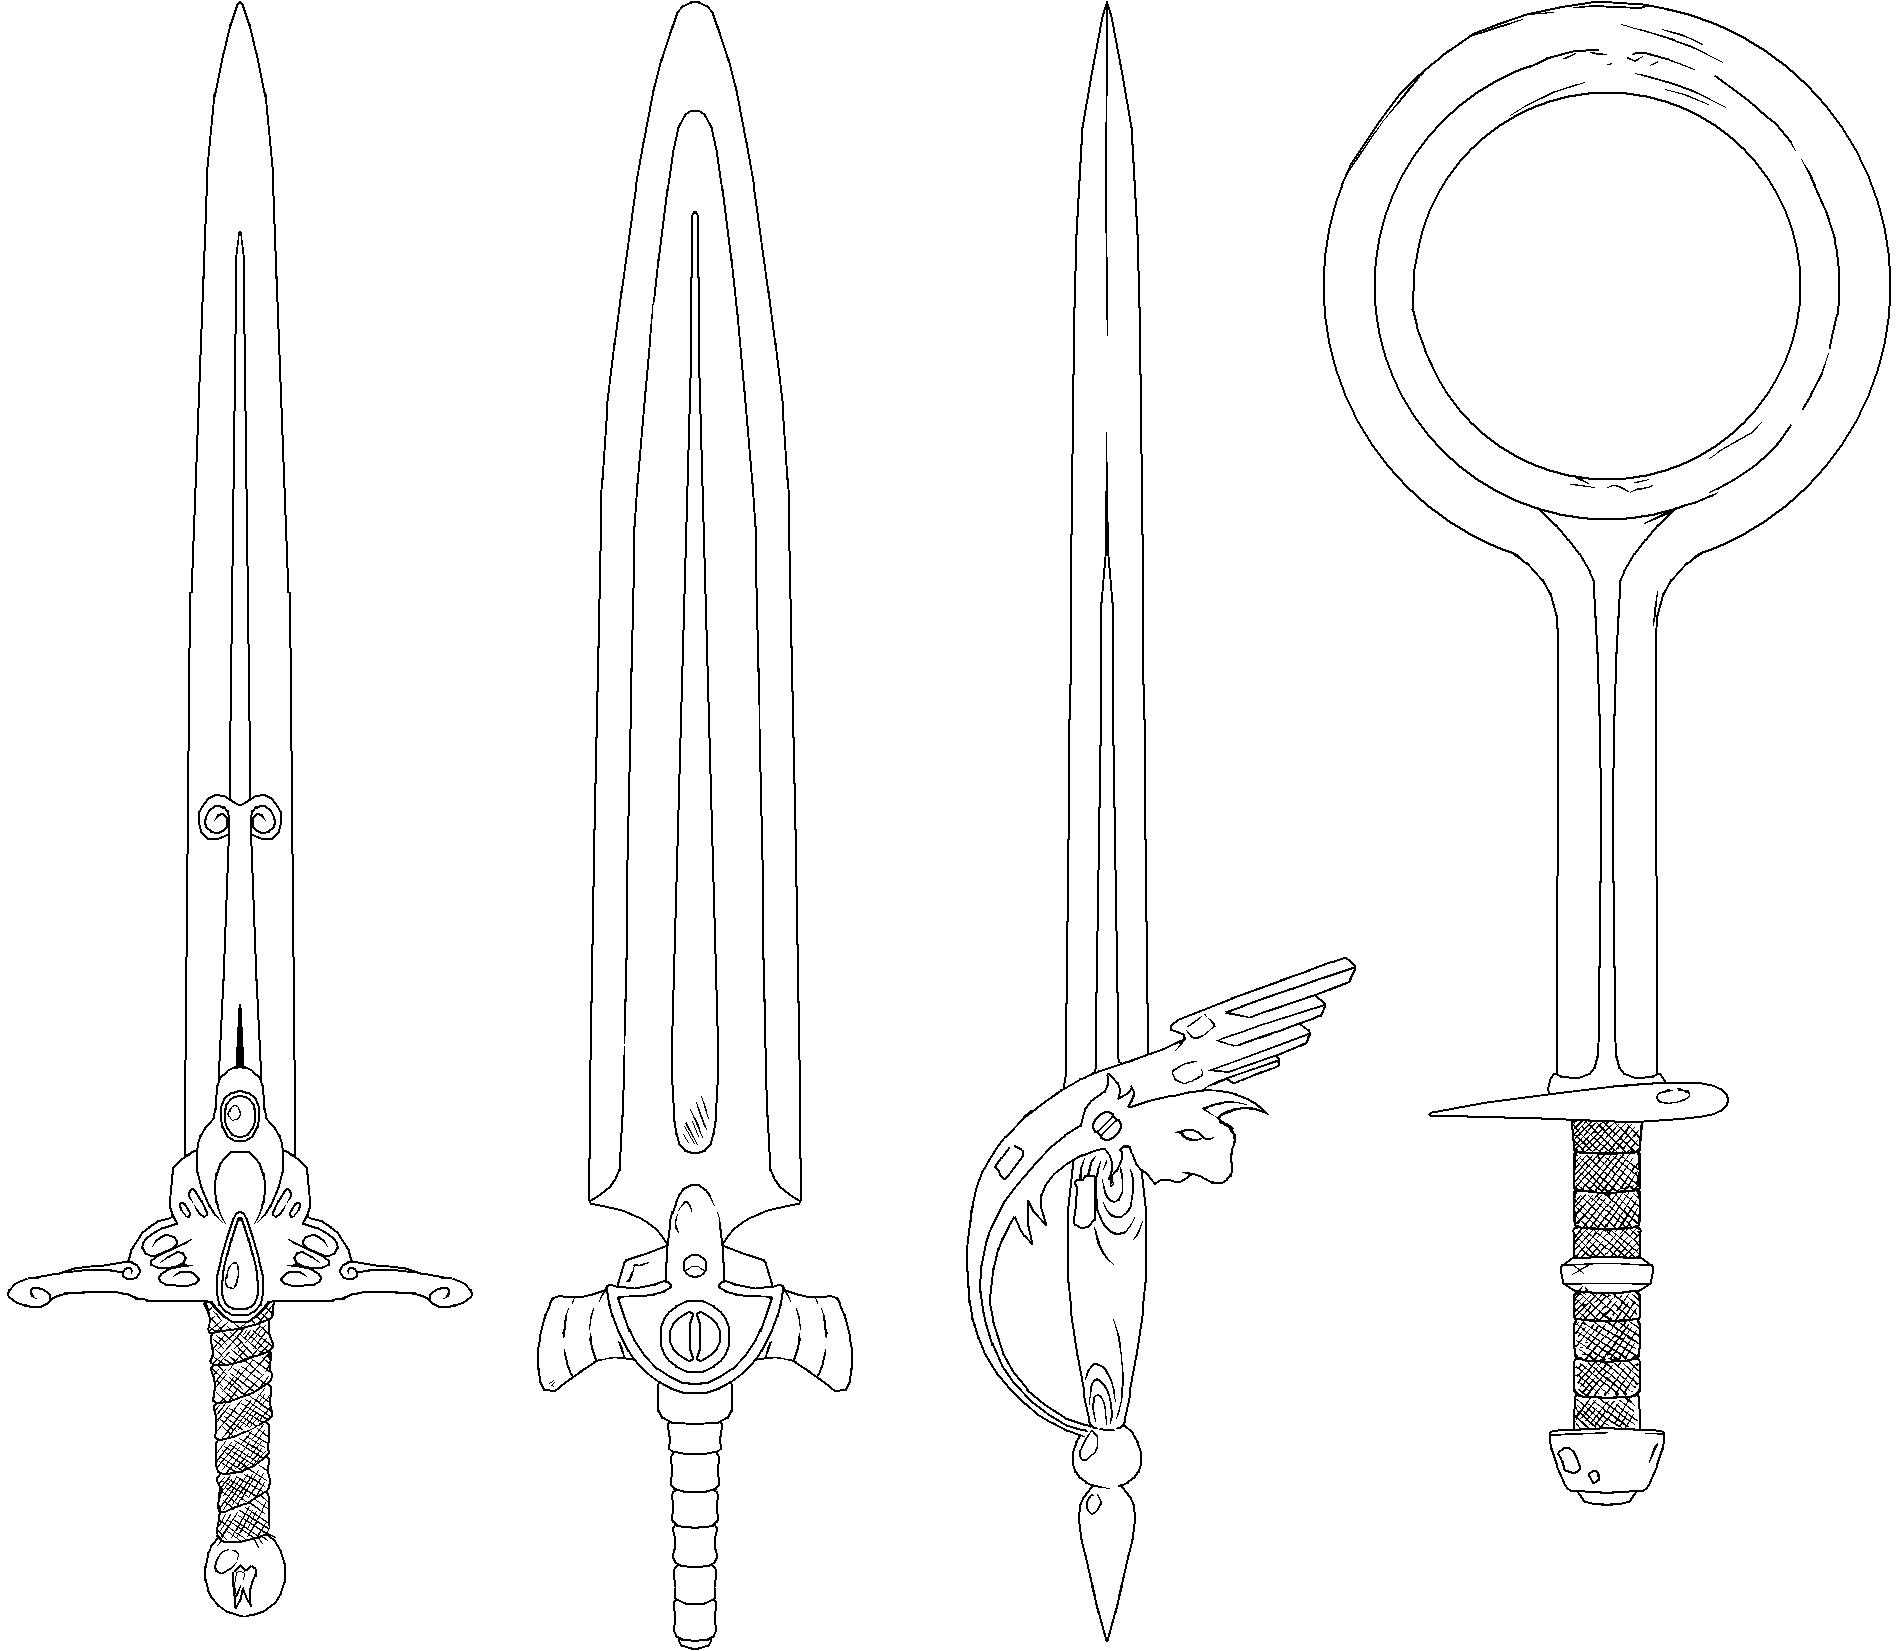 Fatm swords lineart 2 by sregan